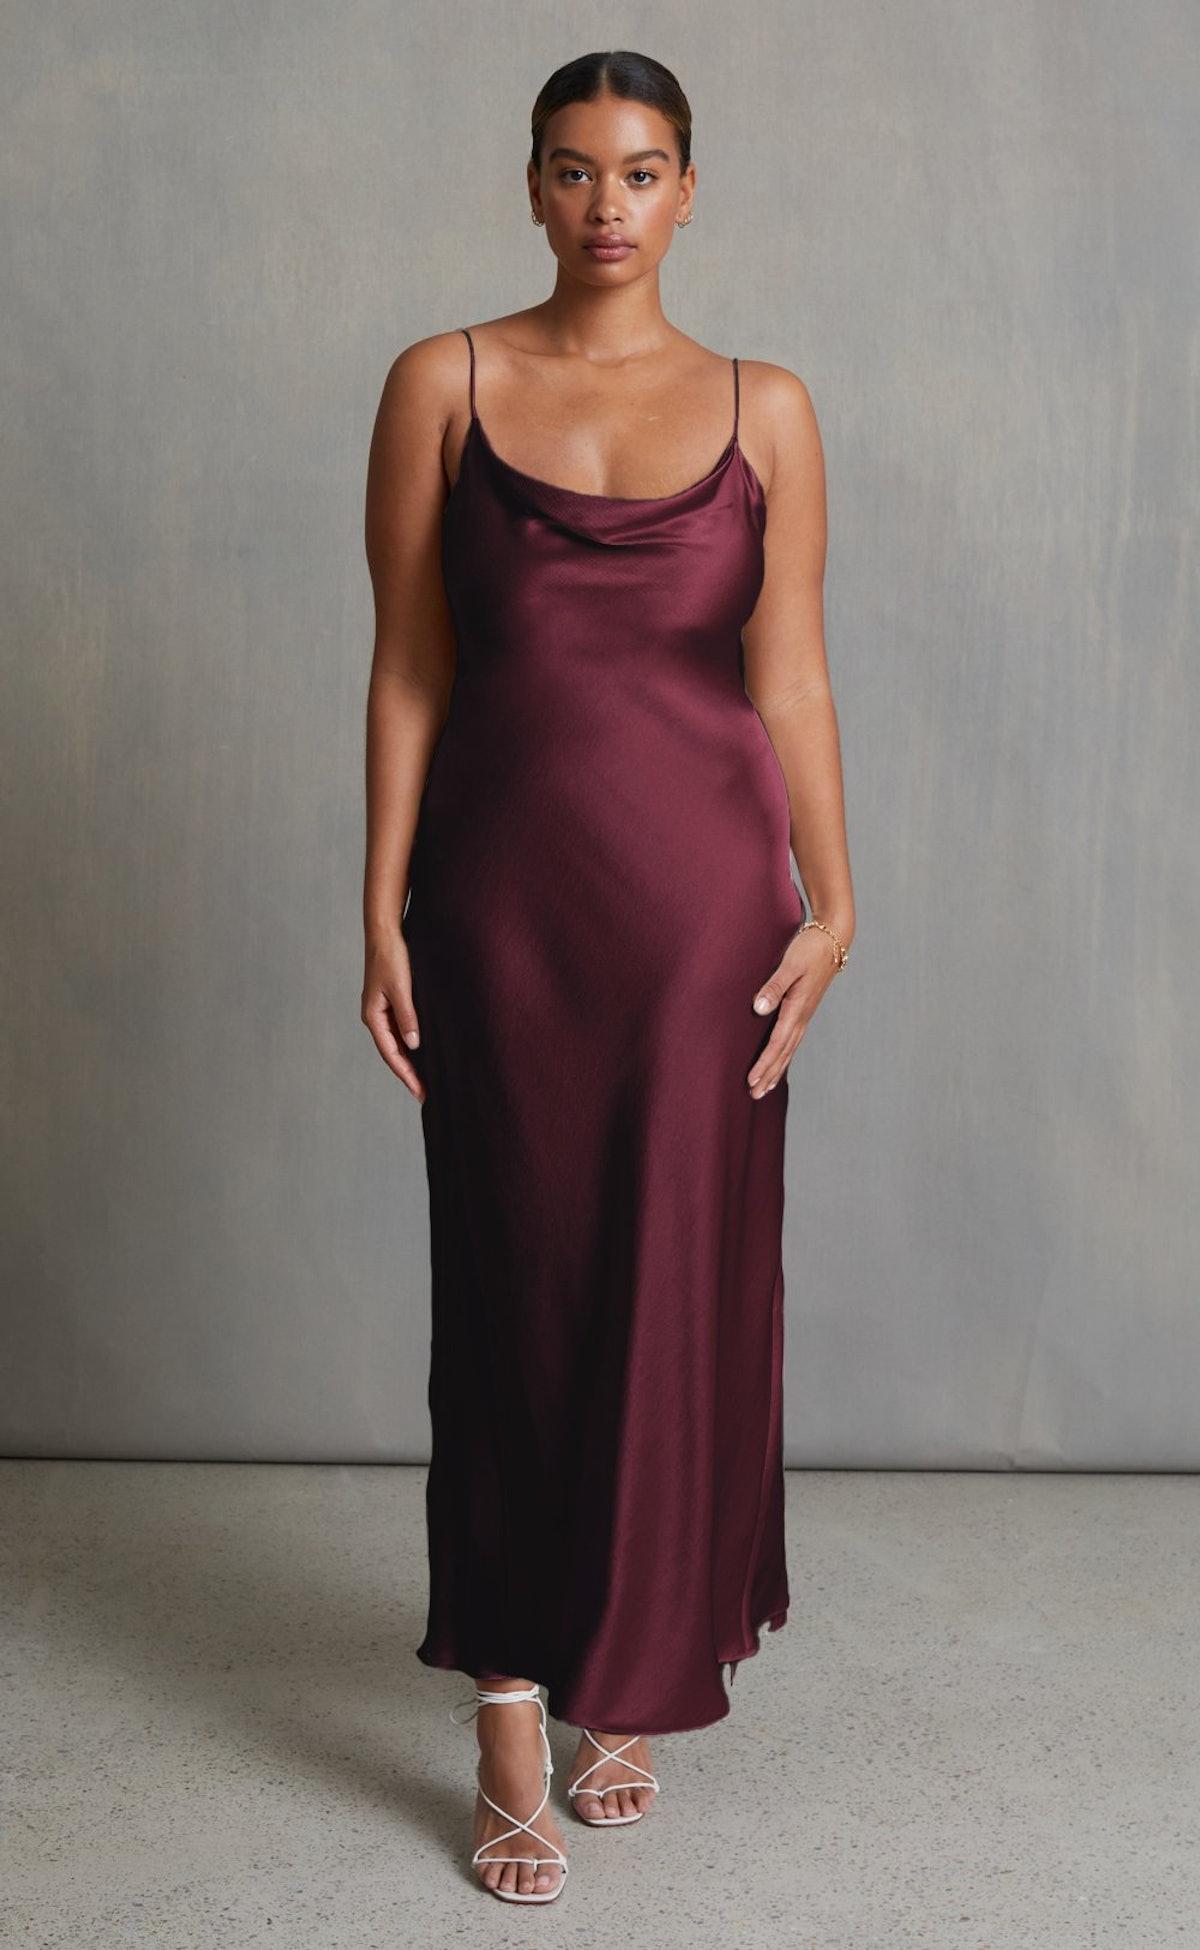 Moon Dance Slip Dress in Wine from BEC + BRIDGE.